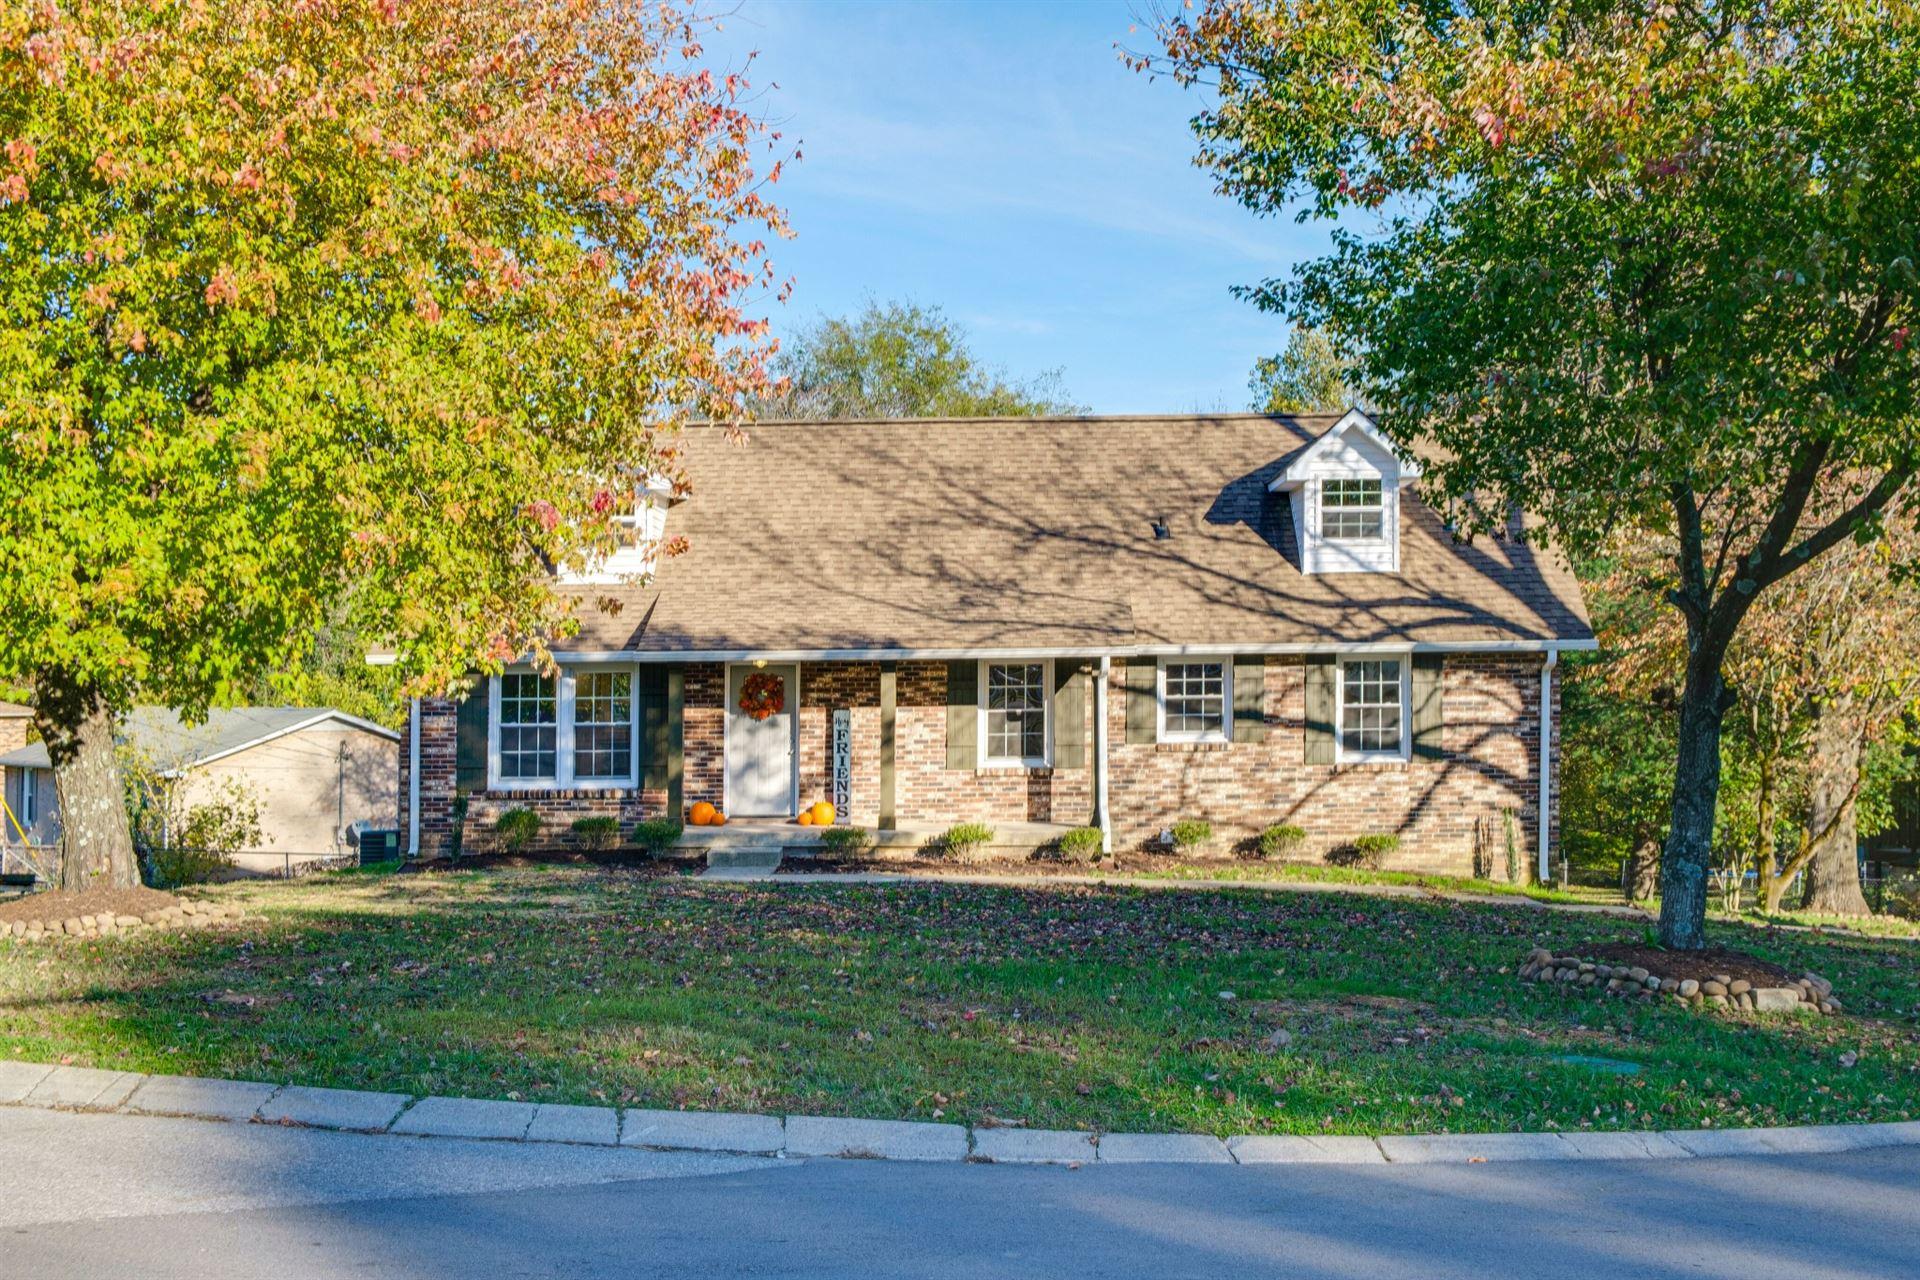 4801 Shasta Dr, Old Hickory, TN 37138 - MLS#: 2204347